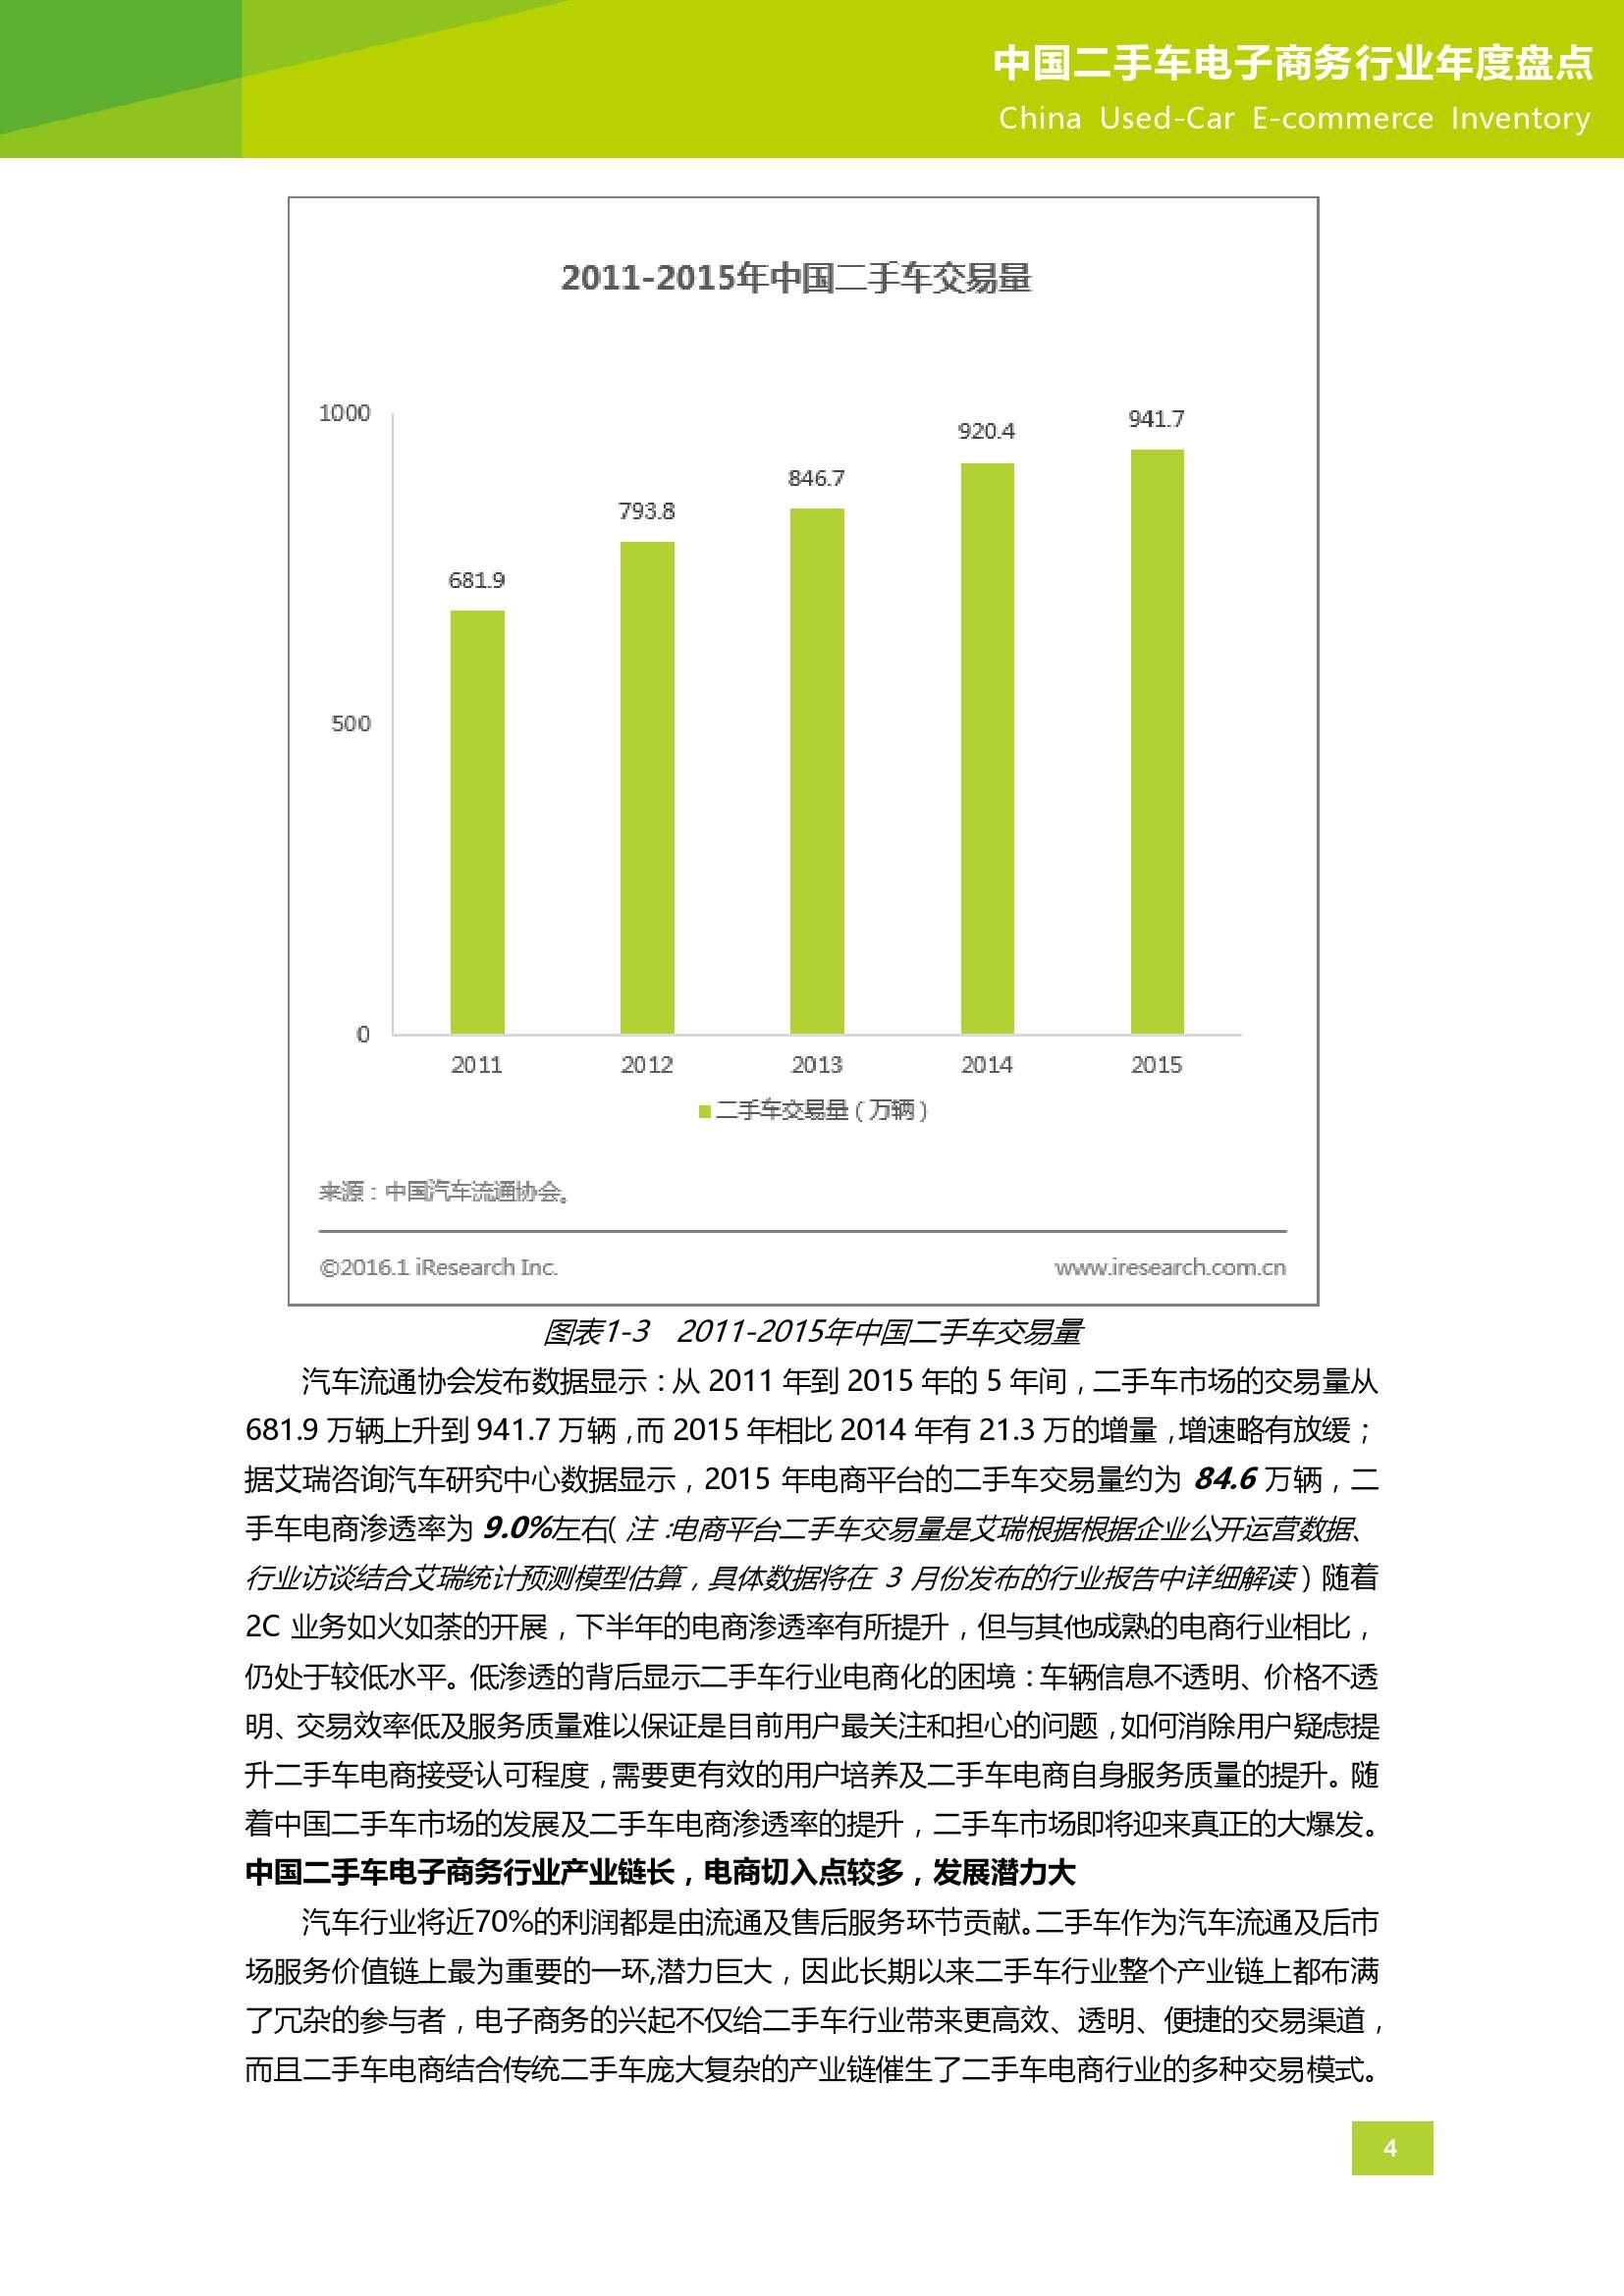 2015年中国二手车电子商务行业年度盘点_000005